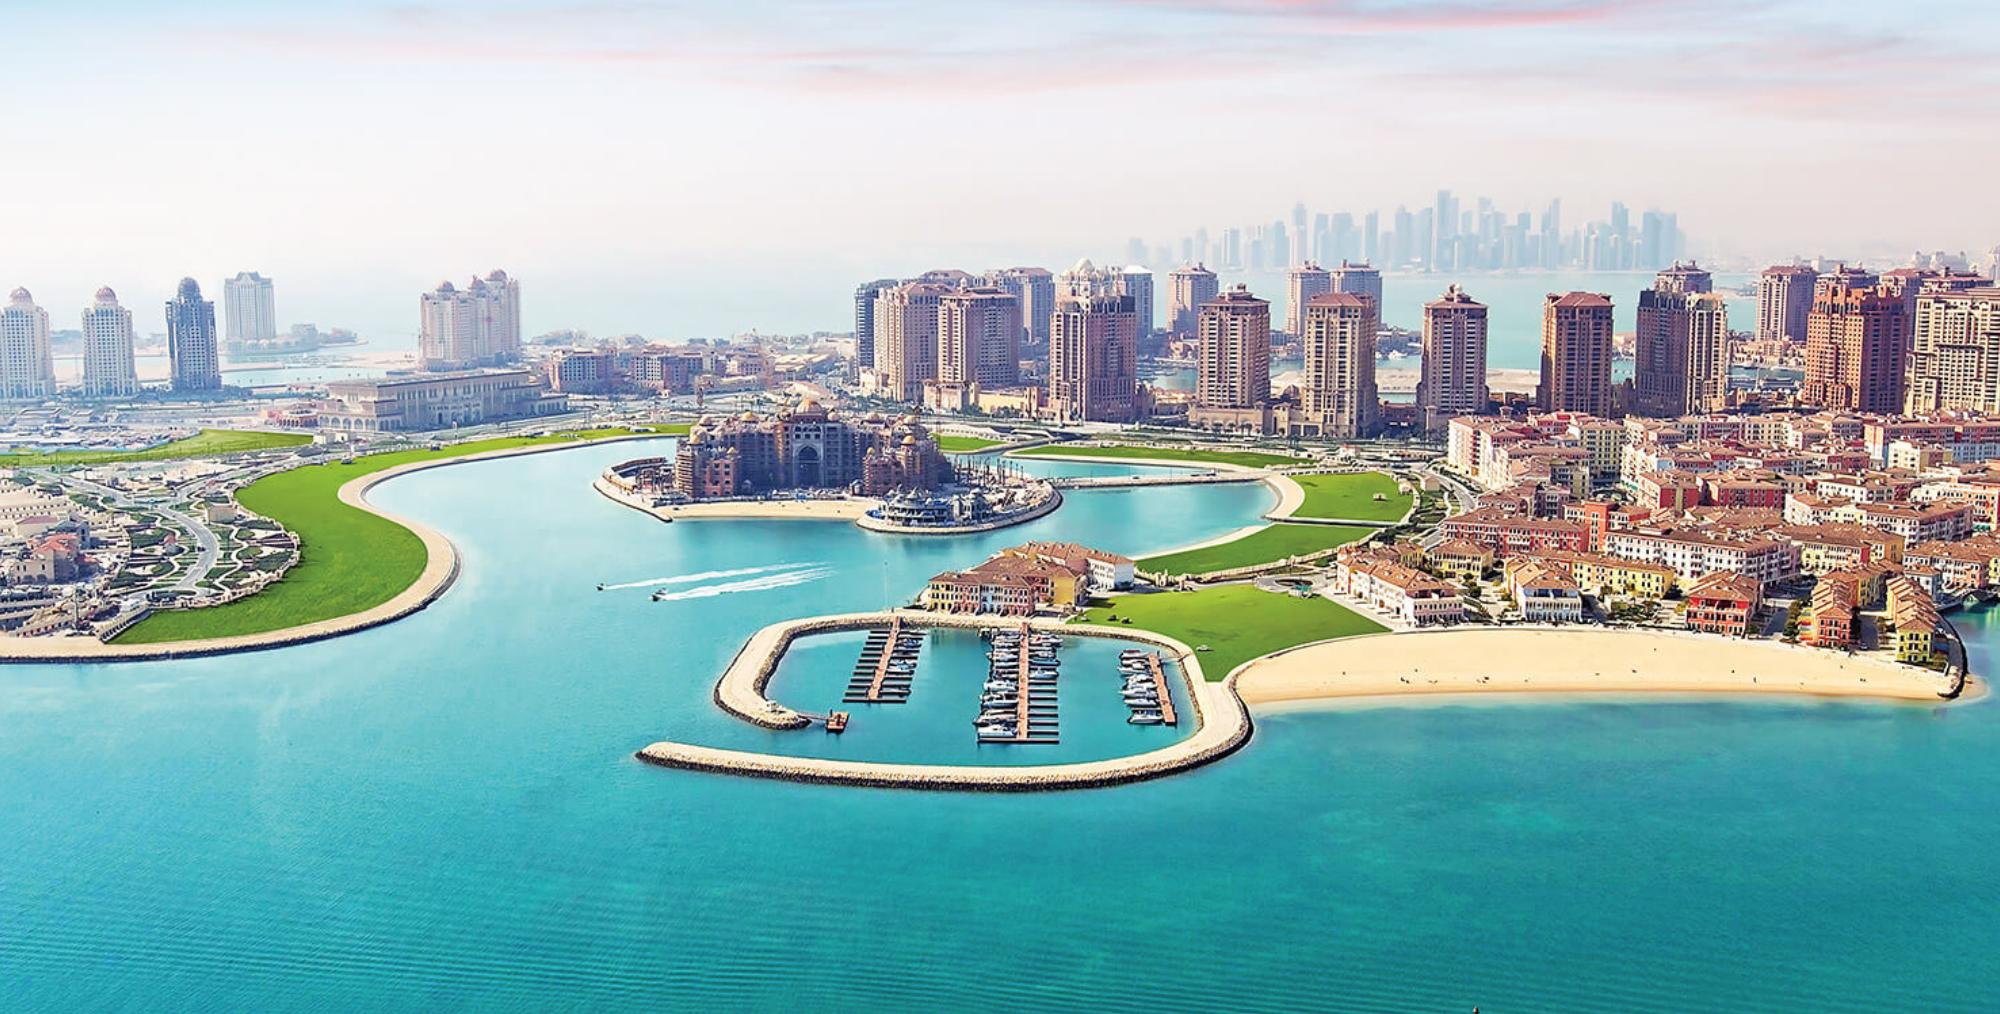 Ville de Doha capital du Qatar